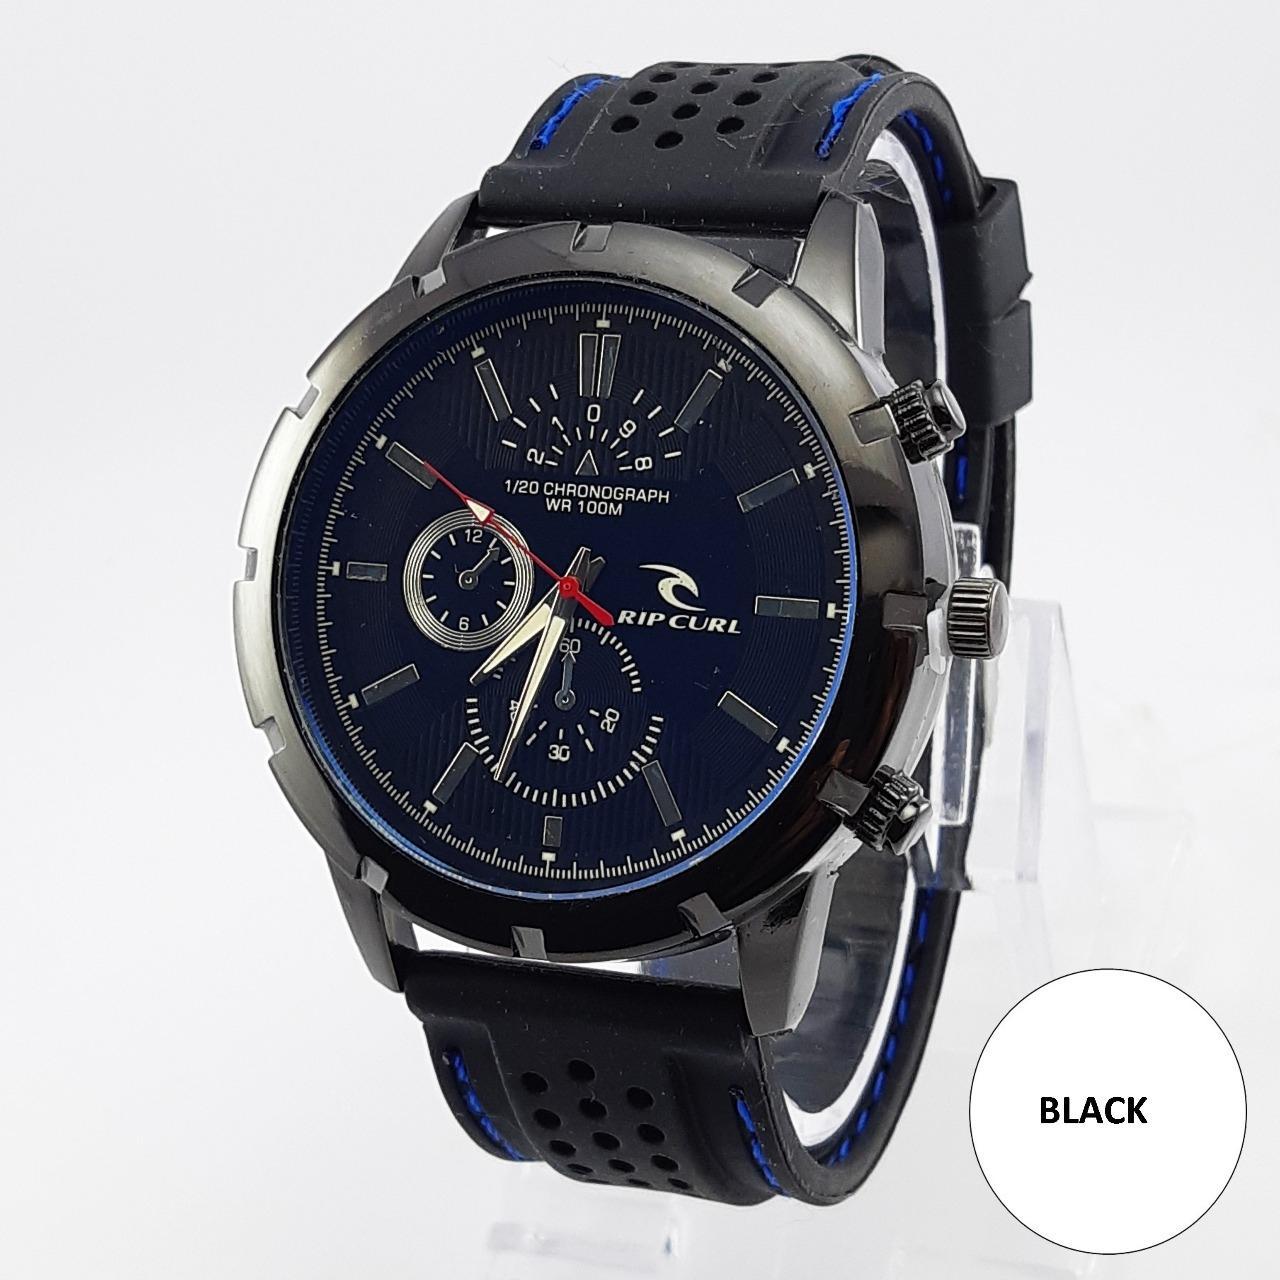 jam tangan pria rip curl murah PS2346 e53bab482e